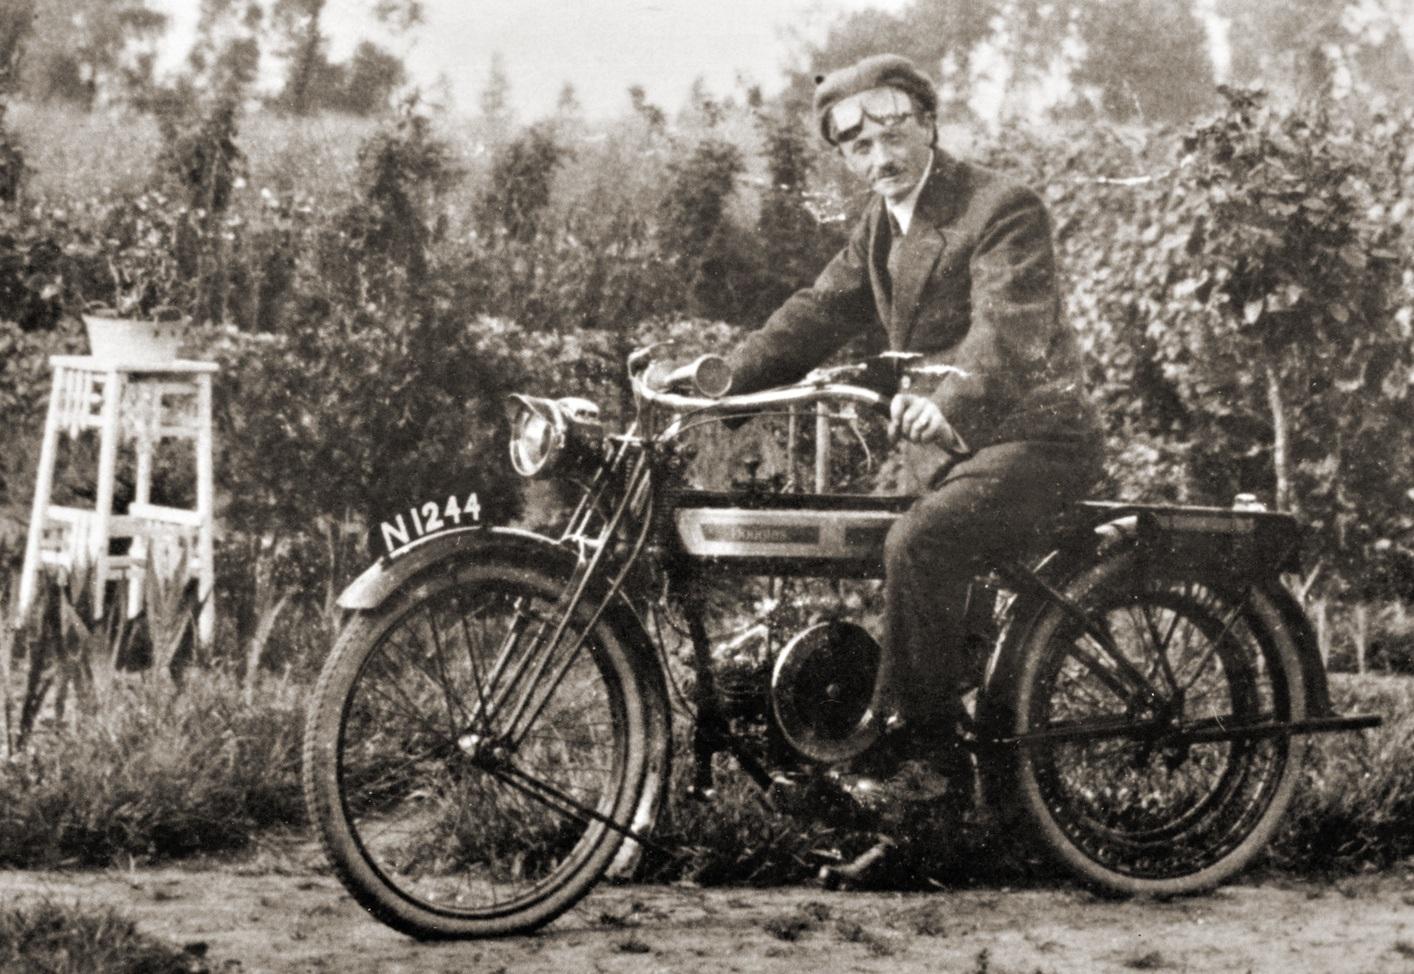 Bernard op zijn Douglas motorfiets.